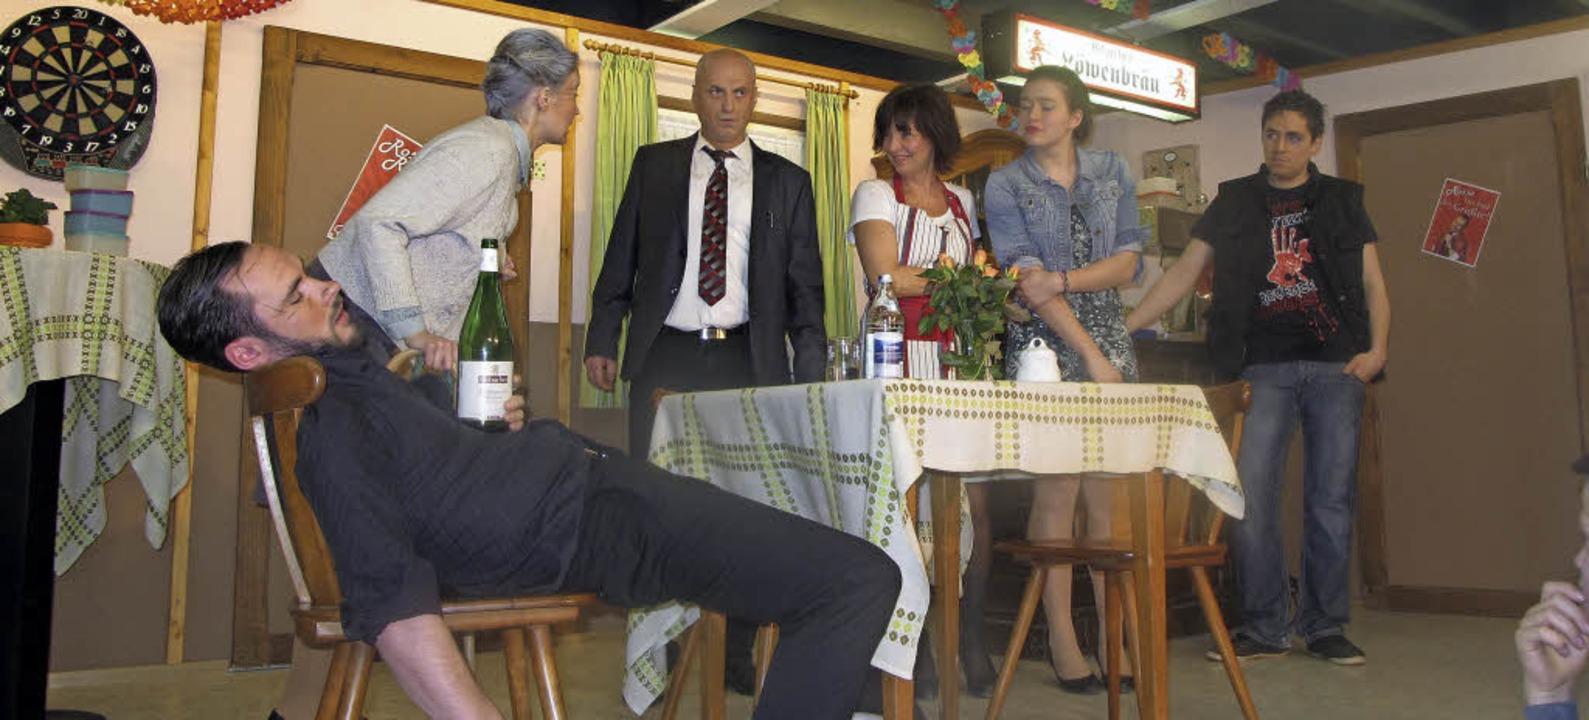 Die Schlagerkarriere von Rosso Rosini ...(Philipp Lupfer) neues Glück gefunden.    Foto: Helmut Häringer